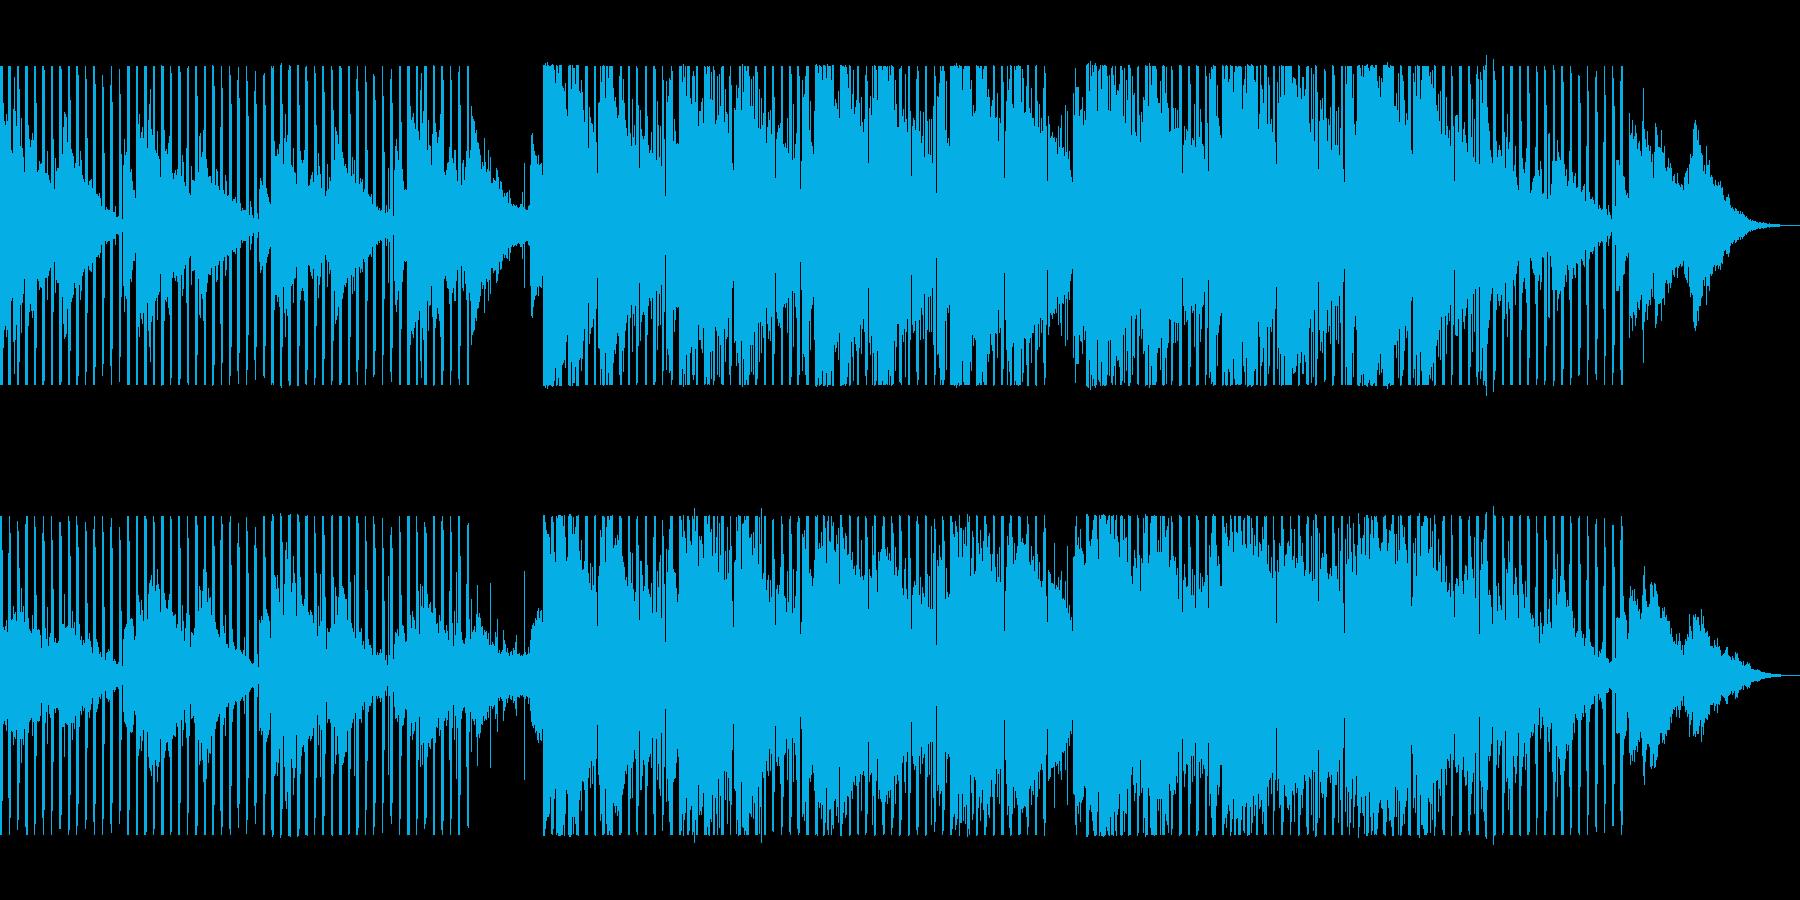 緩やかで穏やかなシンセピアノテクノポップの再生済みの波形